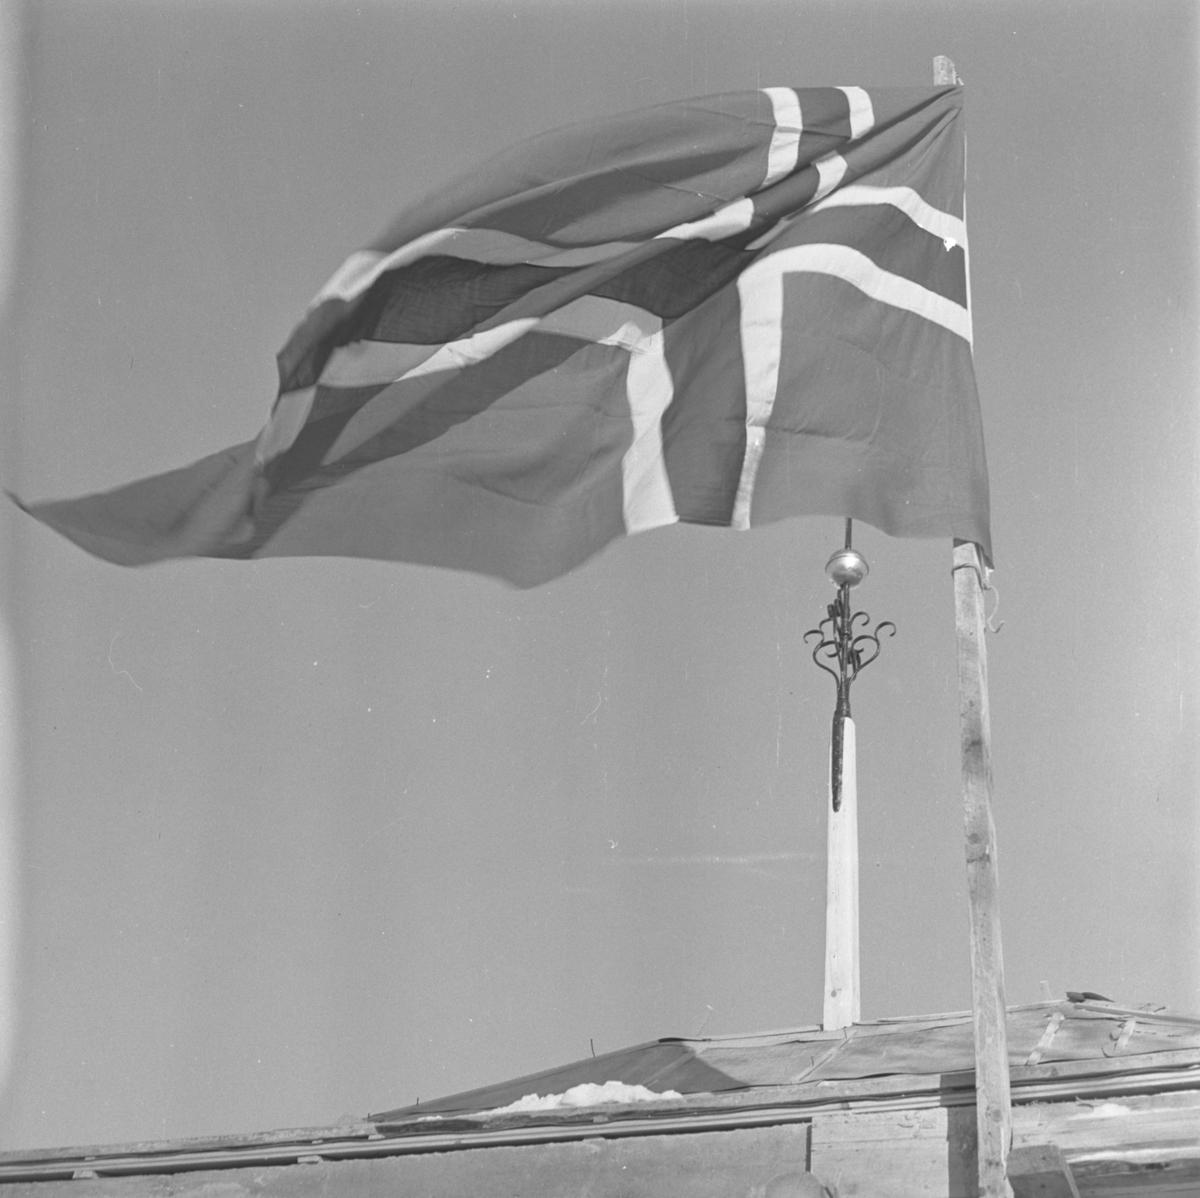 Aust-Agder-Museets første byggetrinn  på Langsæ.  Kranselag. Flagget vaiet og i bakgrunnen sees et spir med beslag av smijern.